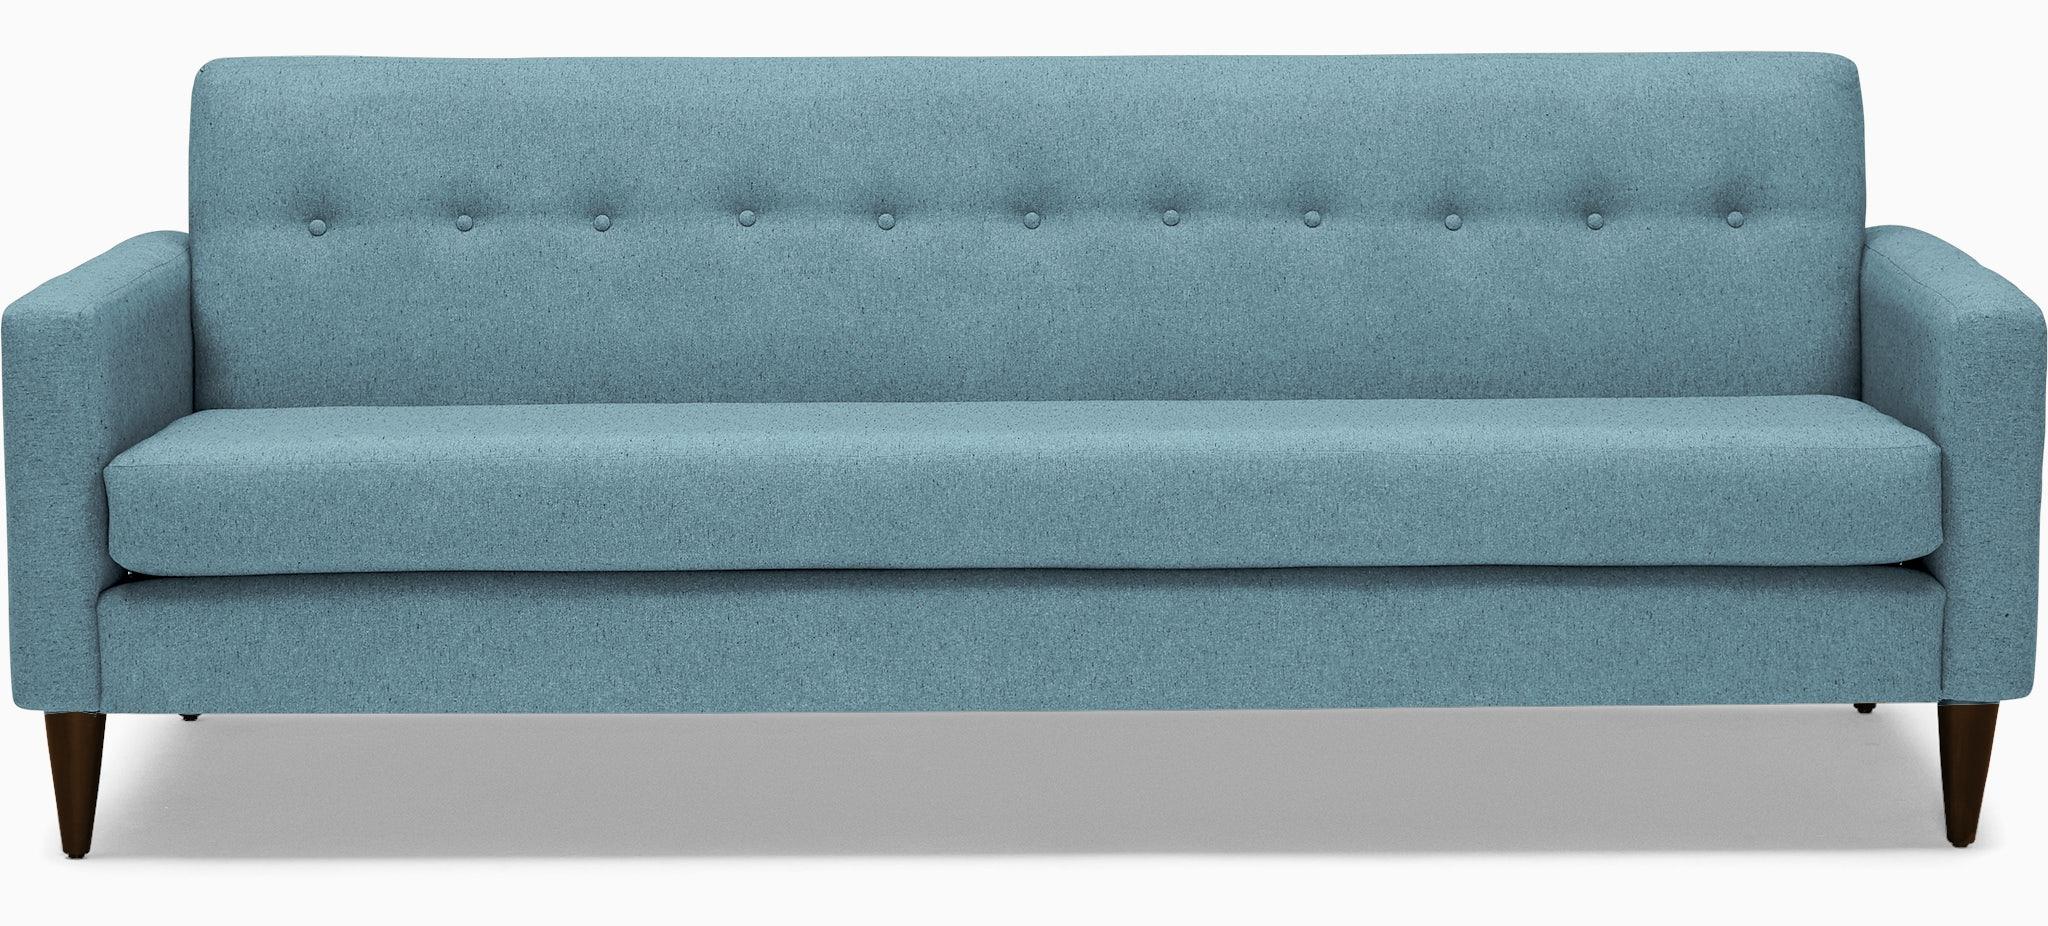 korver sofa dawson slate